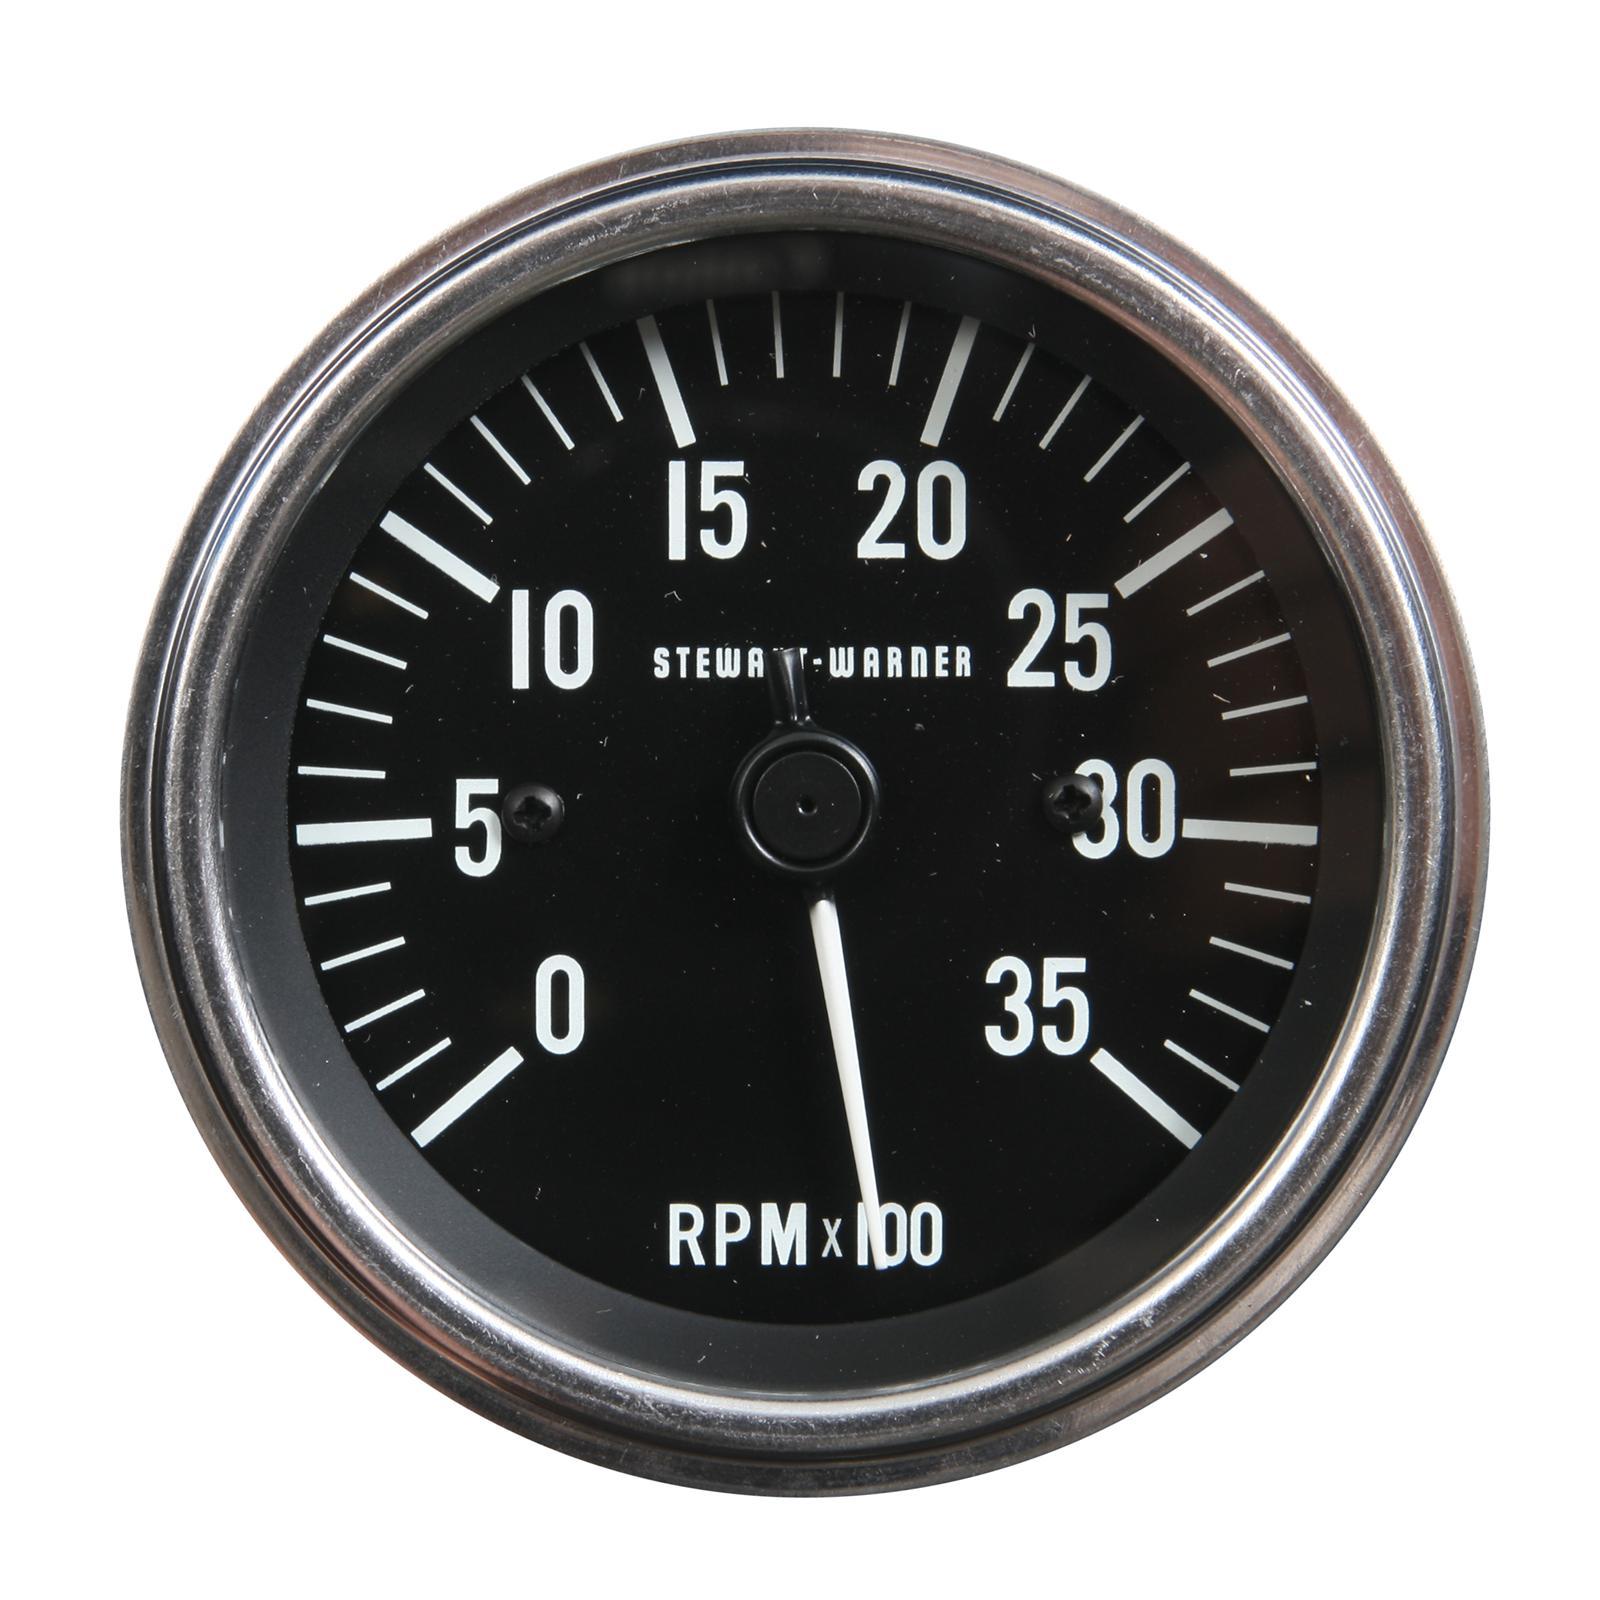 stewart warner volt gauge wiring diagram lennox thermostat tach